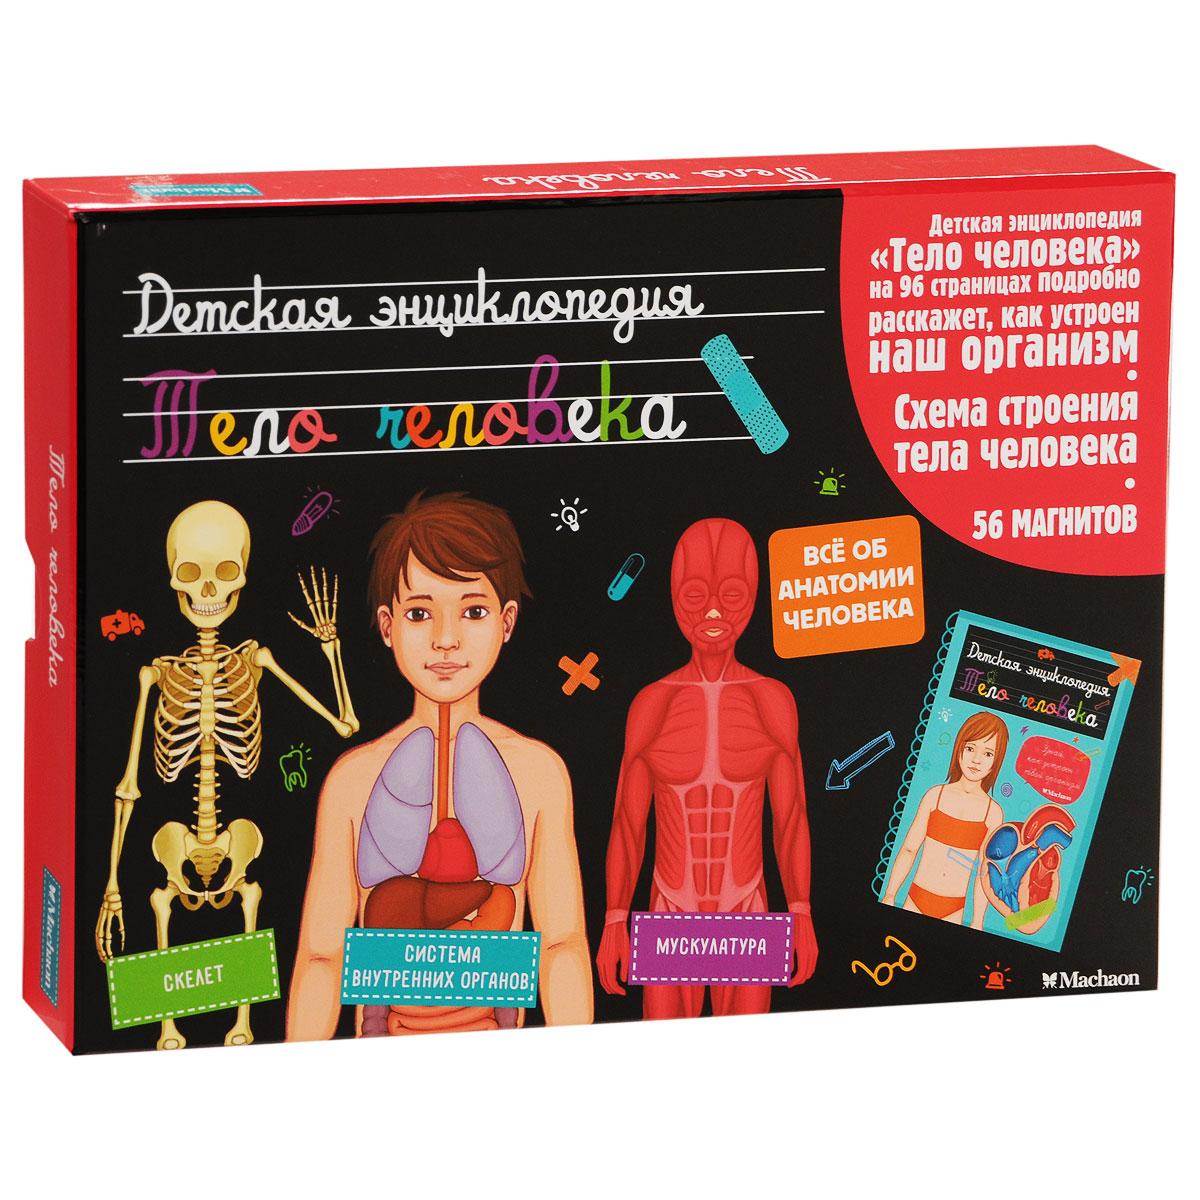 Тело человека. Детская энциклопедия (+ 56 магнитов и схема строения тела человека)